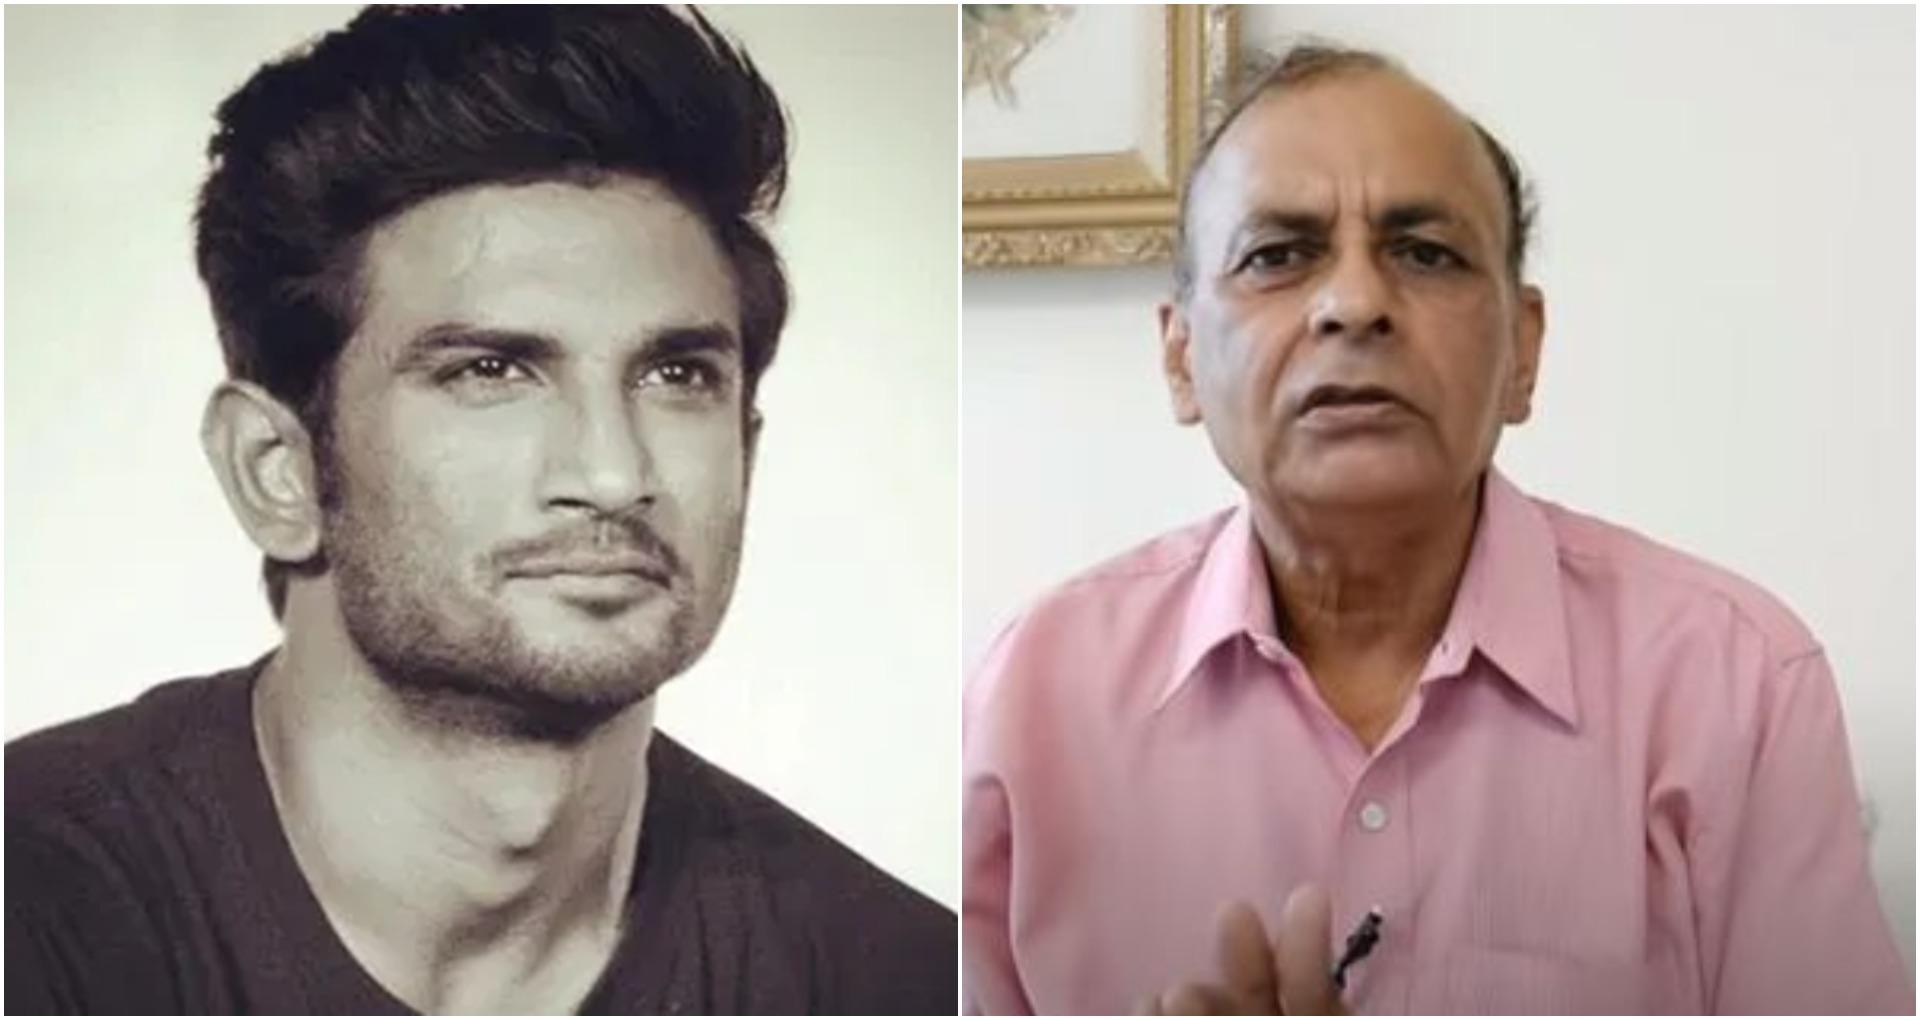 Sushant Death: रॉ के पूर्व अफसर ने किया बड़ा दावा, एक्टर की मौत में है दाऊद का हाथ, देखें वीडियो